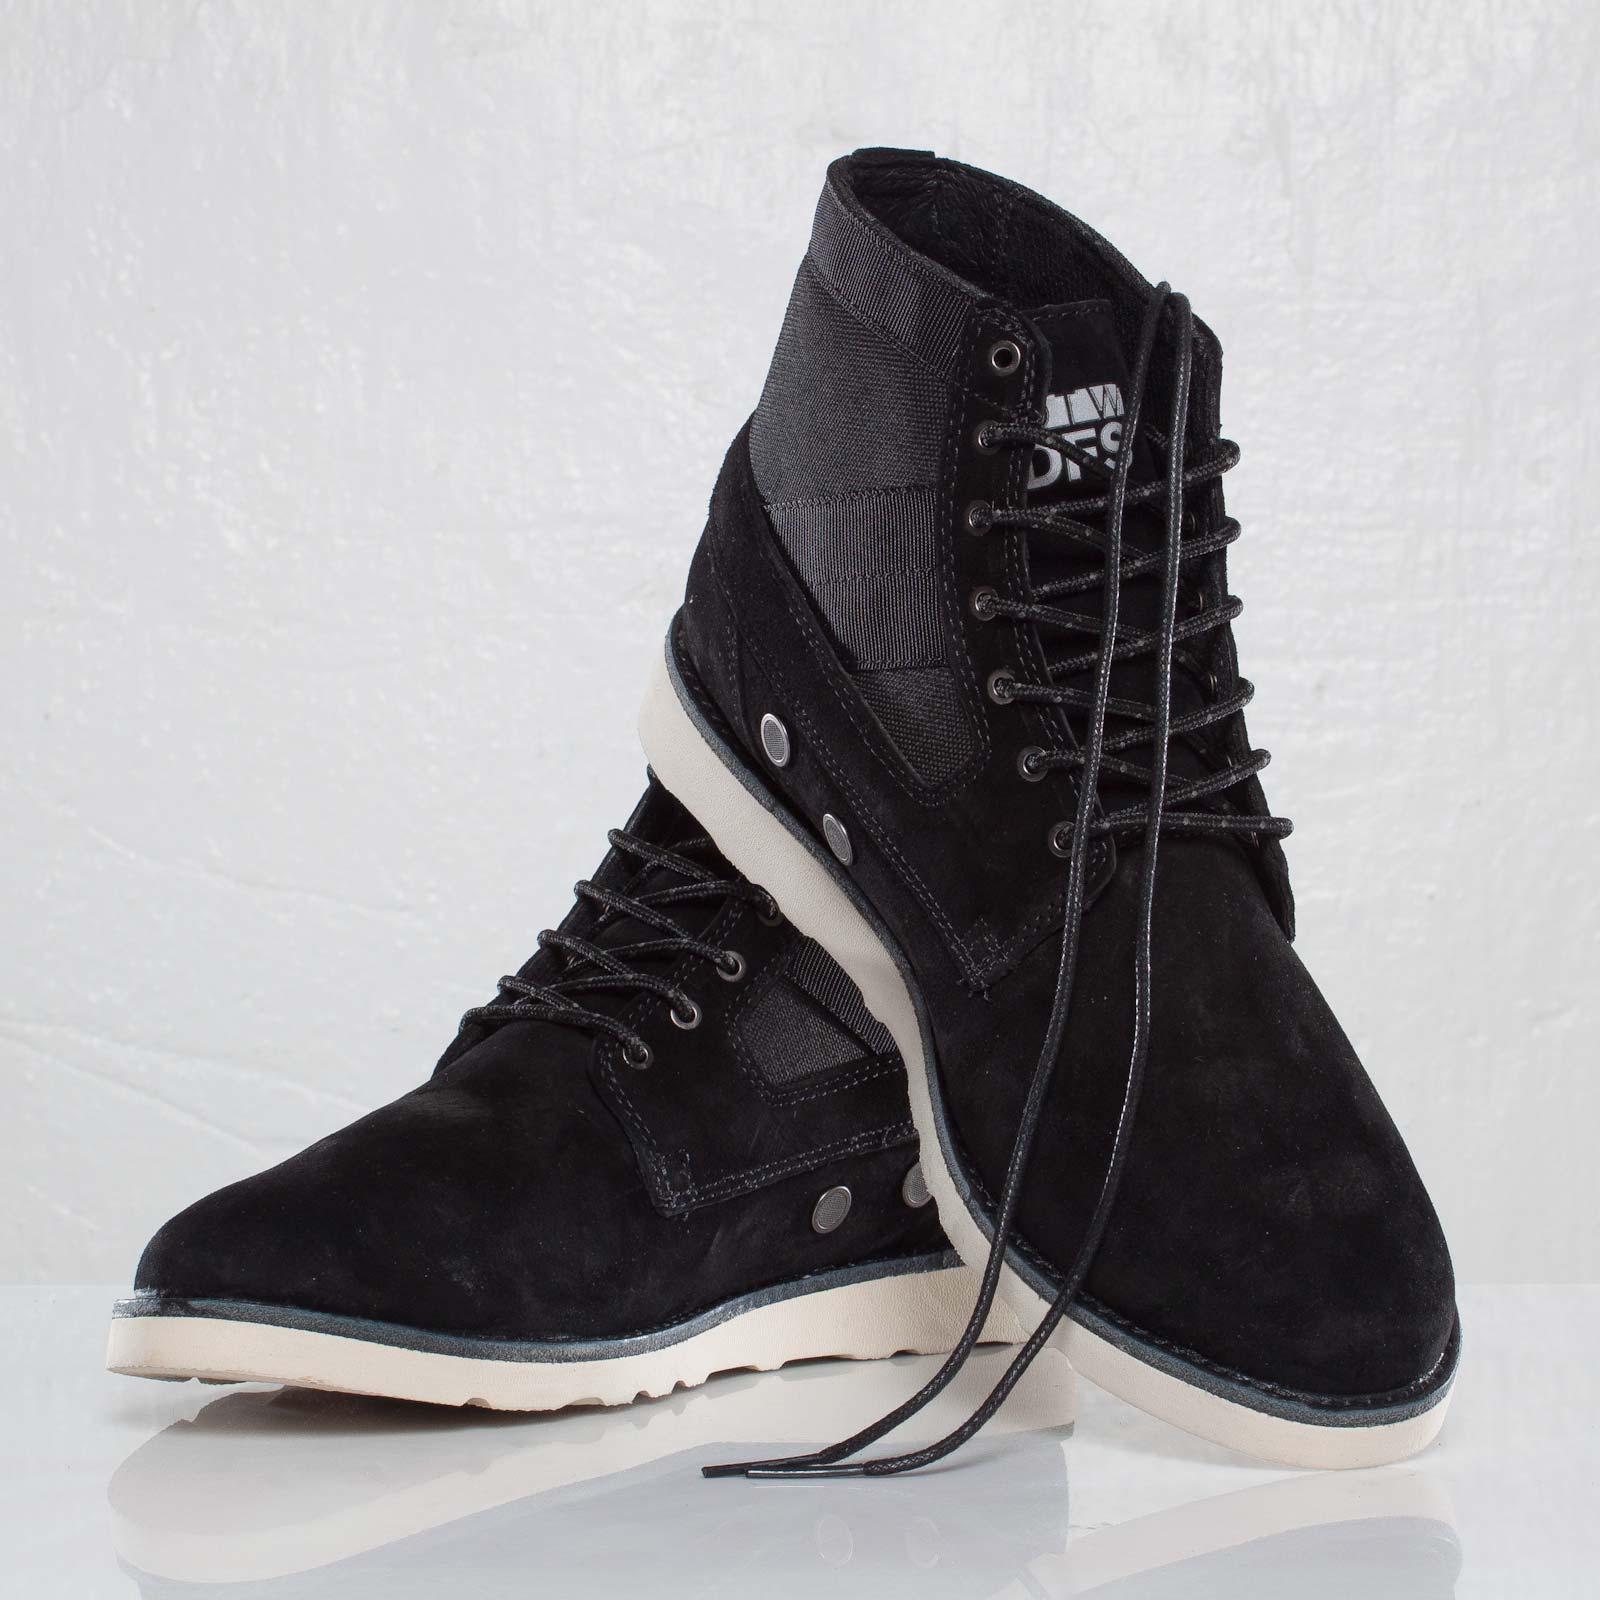 badd6dc8c2b Vans Breton Boot JB - 110668 - Sneakersnstuff | sneakers ...